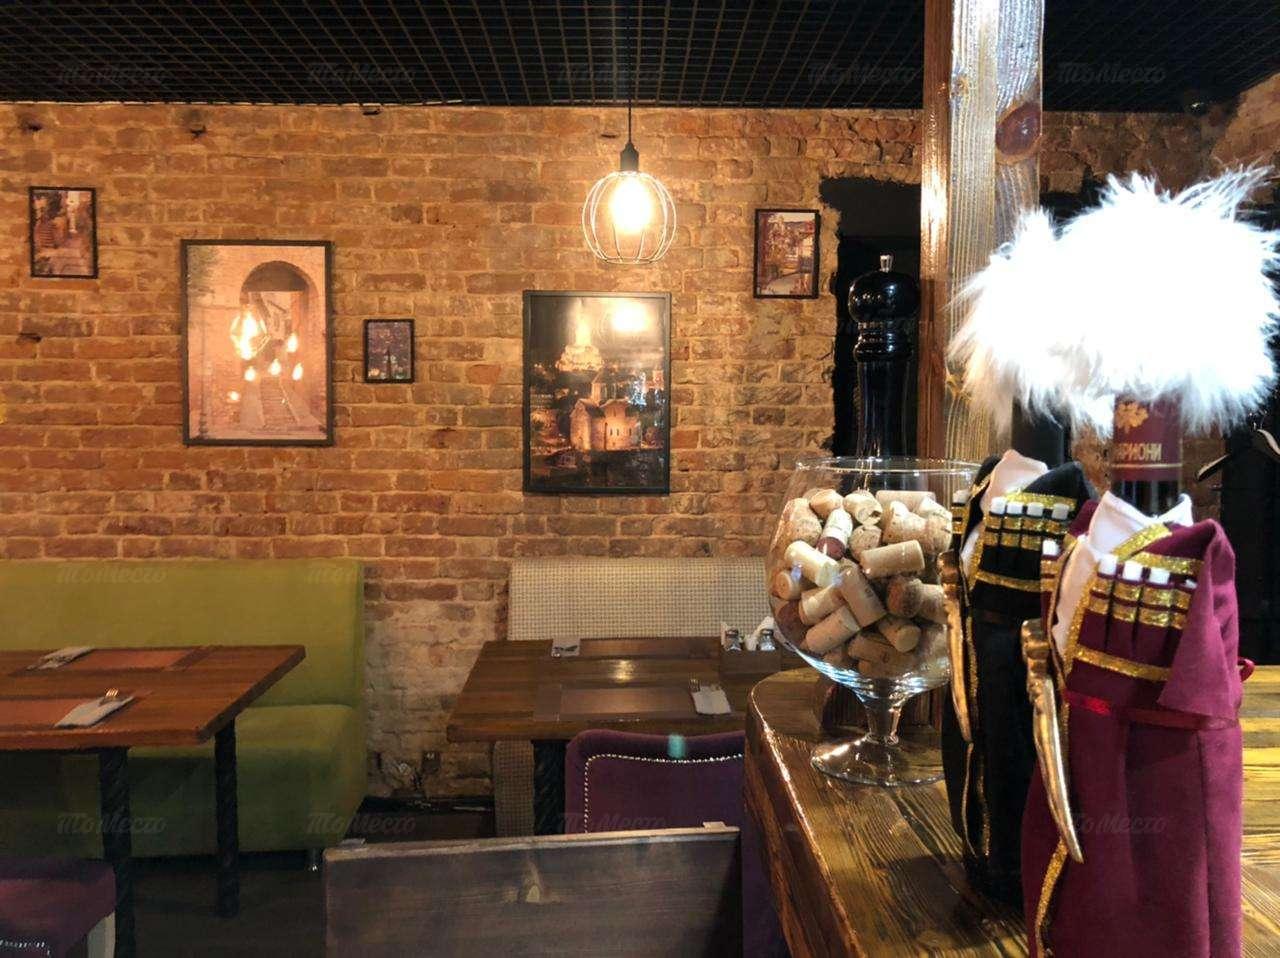 Кафе Мизандари (бывш. Дон Корлеоне) на Старой Басманной фото 8